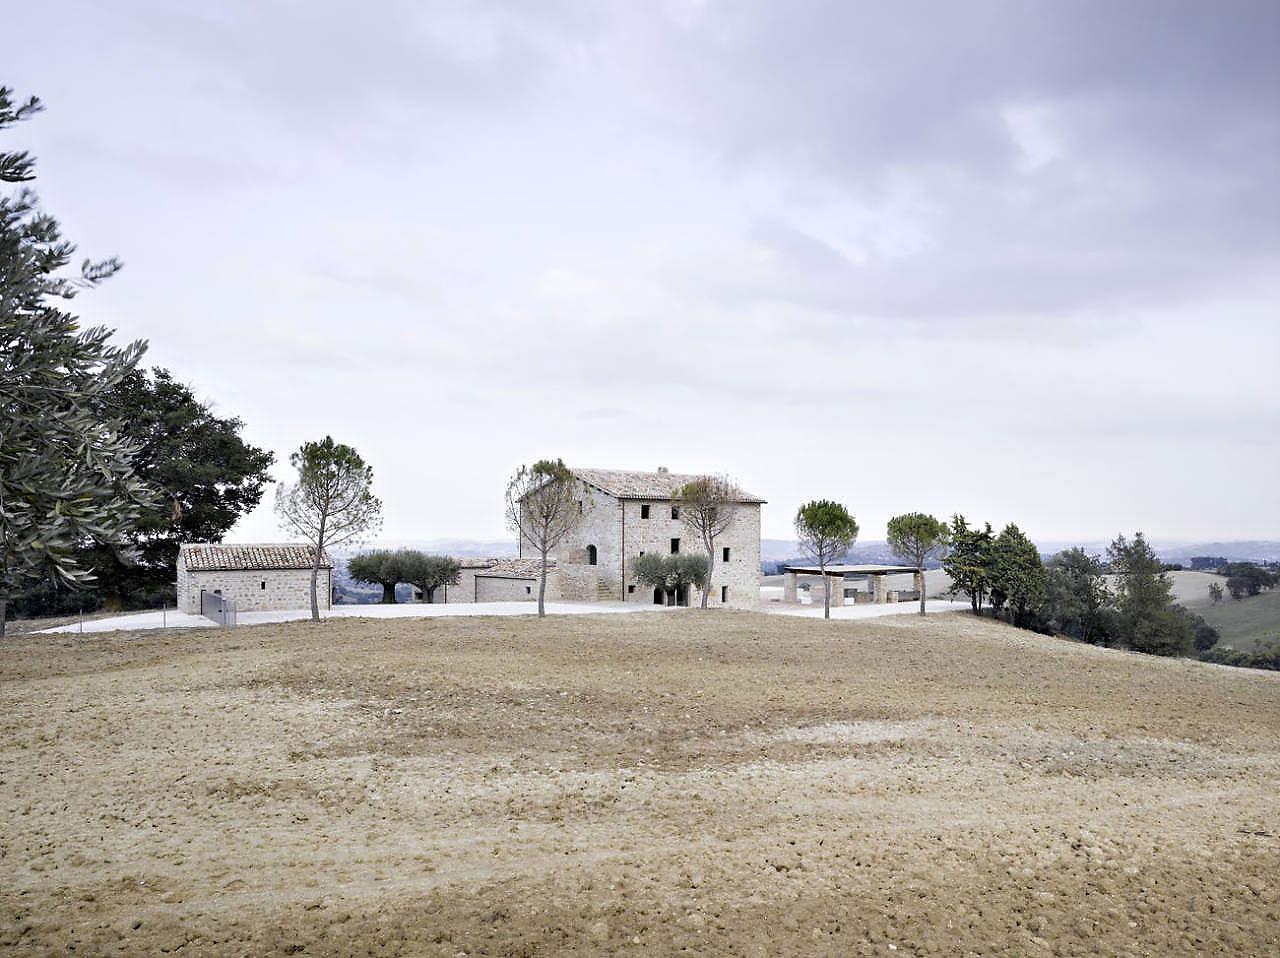 Le-Marche-Villa-01